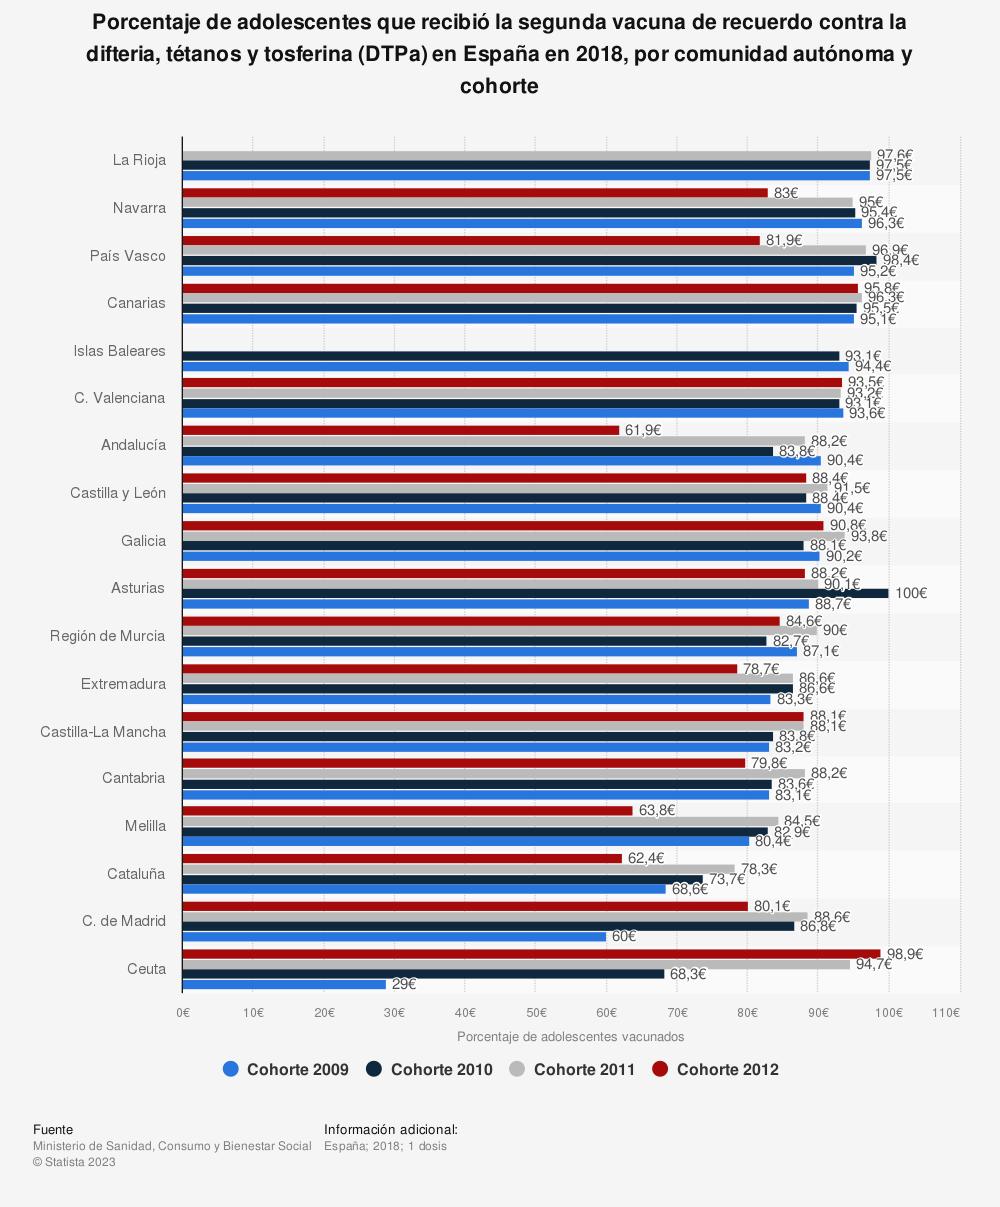 Estadística: Porcentaje de adolescentes que recibió la segunda vacuna de recuerdo contra la difteria, tétanos y tosferina (DTPa) en España en 2018, por comunidad autónoma y cohorte | Statista